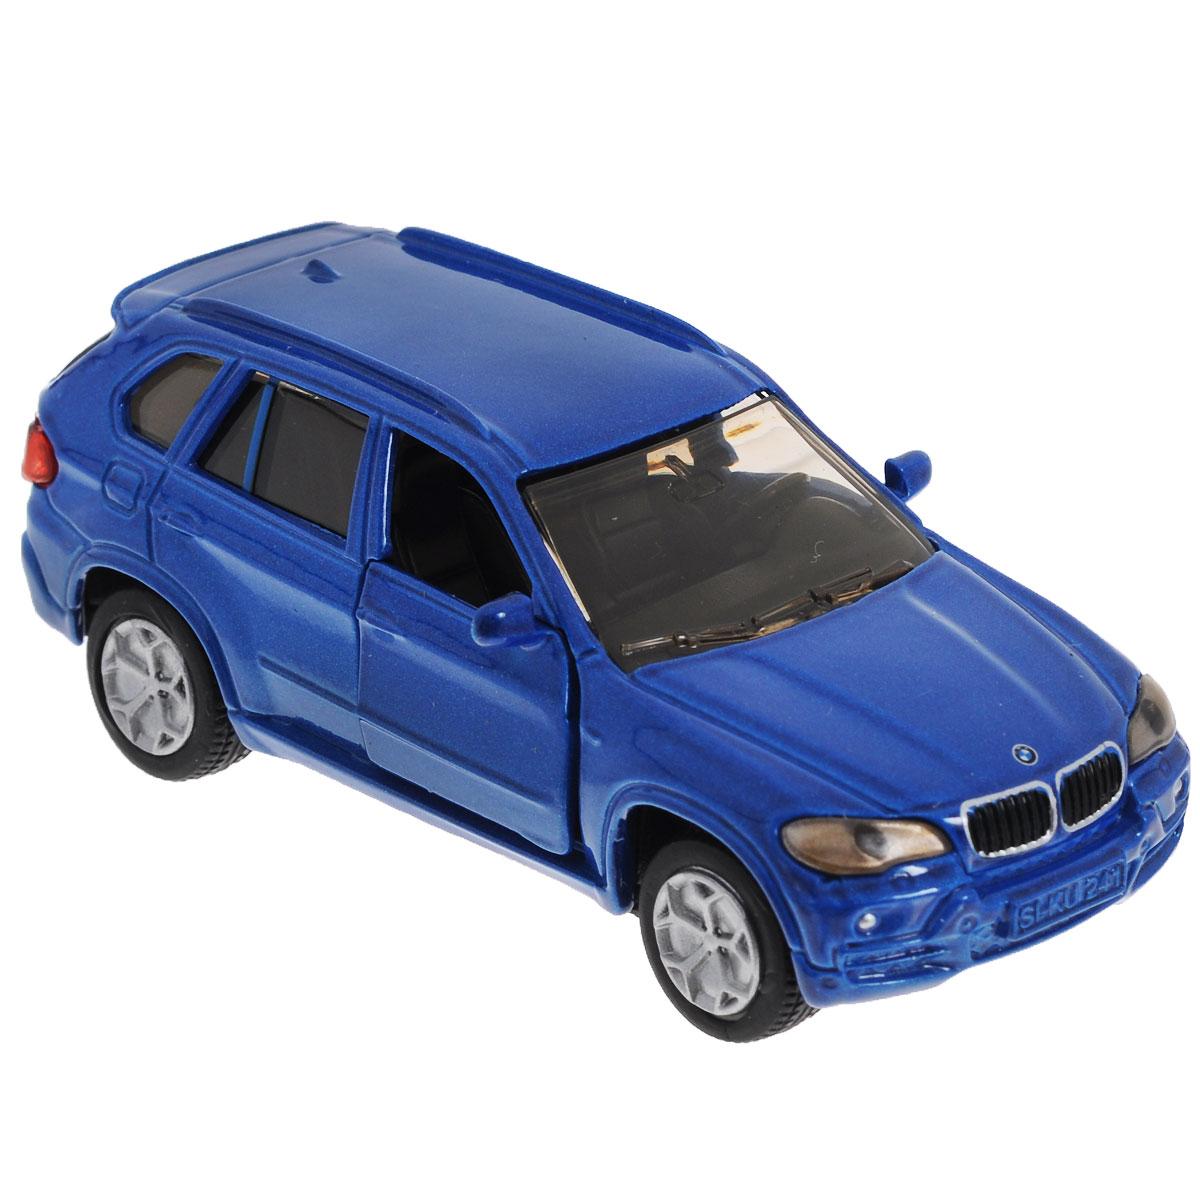 Siku Модель автомобиля BMW X5 цвет синий1432_синийКоллекционная модель Siku BMW X5 выполнена в виде точной копии одноименного автомобиля фирмы BMW. Такая модель понравится не только ребенку, но и взрослому коллекционеру, и приятно удивит вас высочайшим качеством исполнения. Модель выполнена из металла с элементами из пластика; прорезиненные колеса крутятся. Передние двери машинки открываются. Отличный подарок для любителей автомобилей!